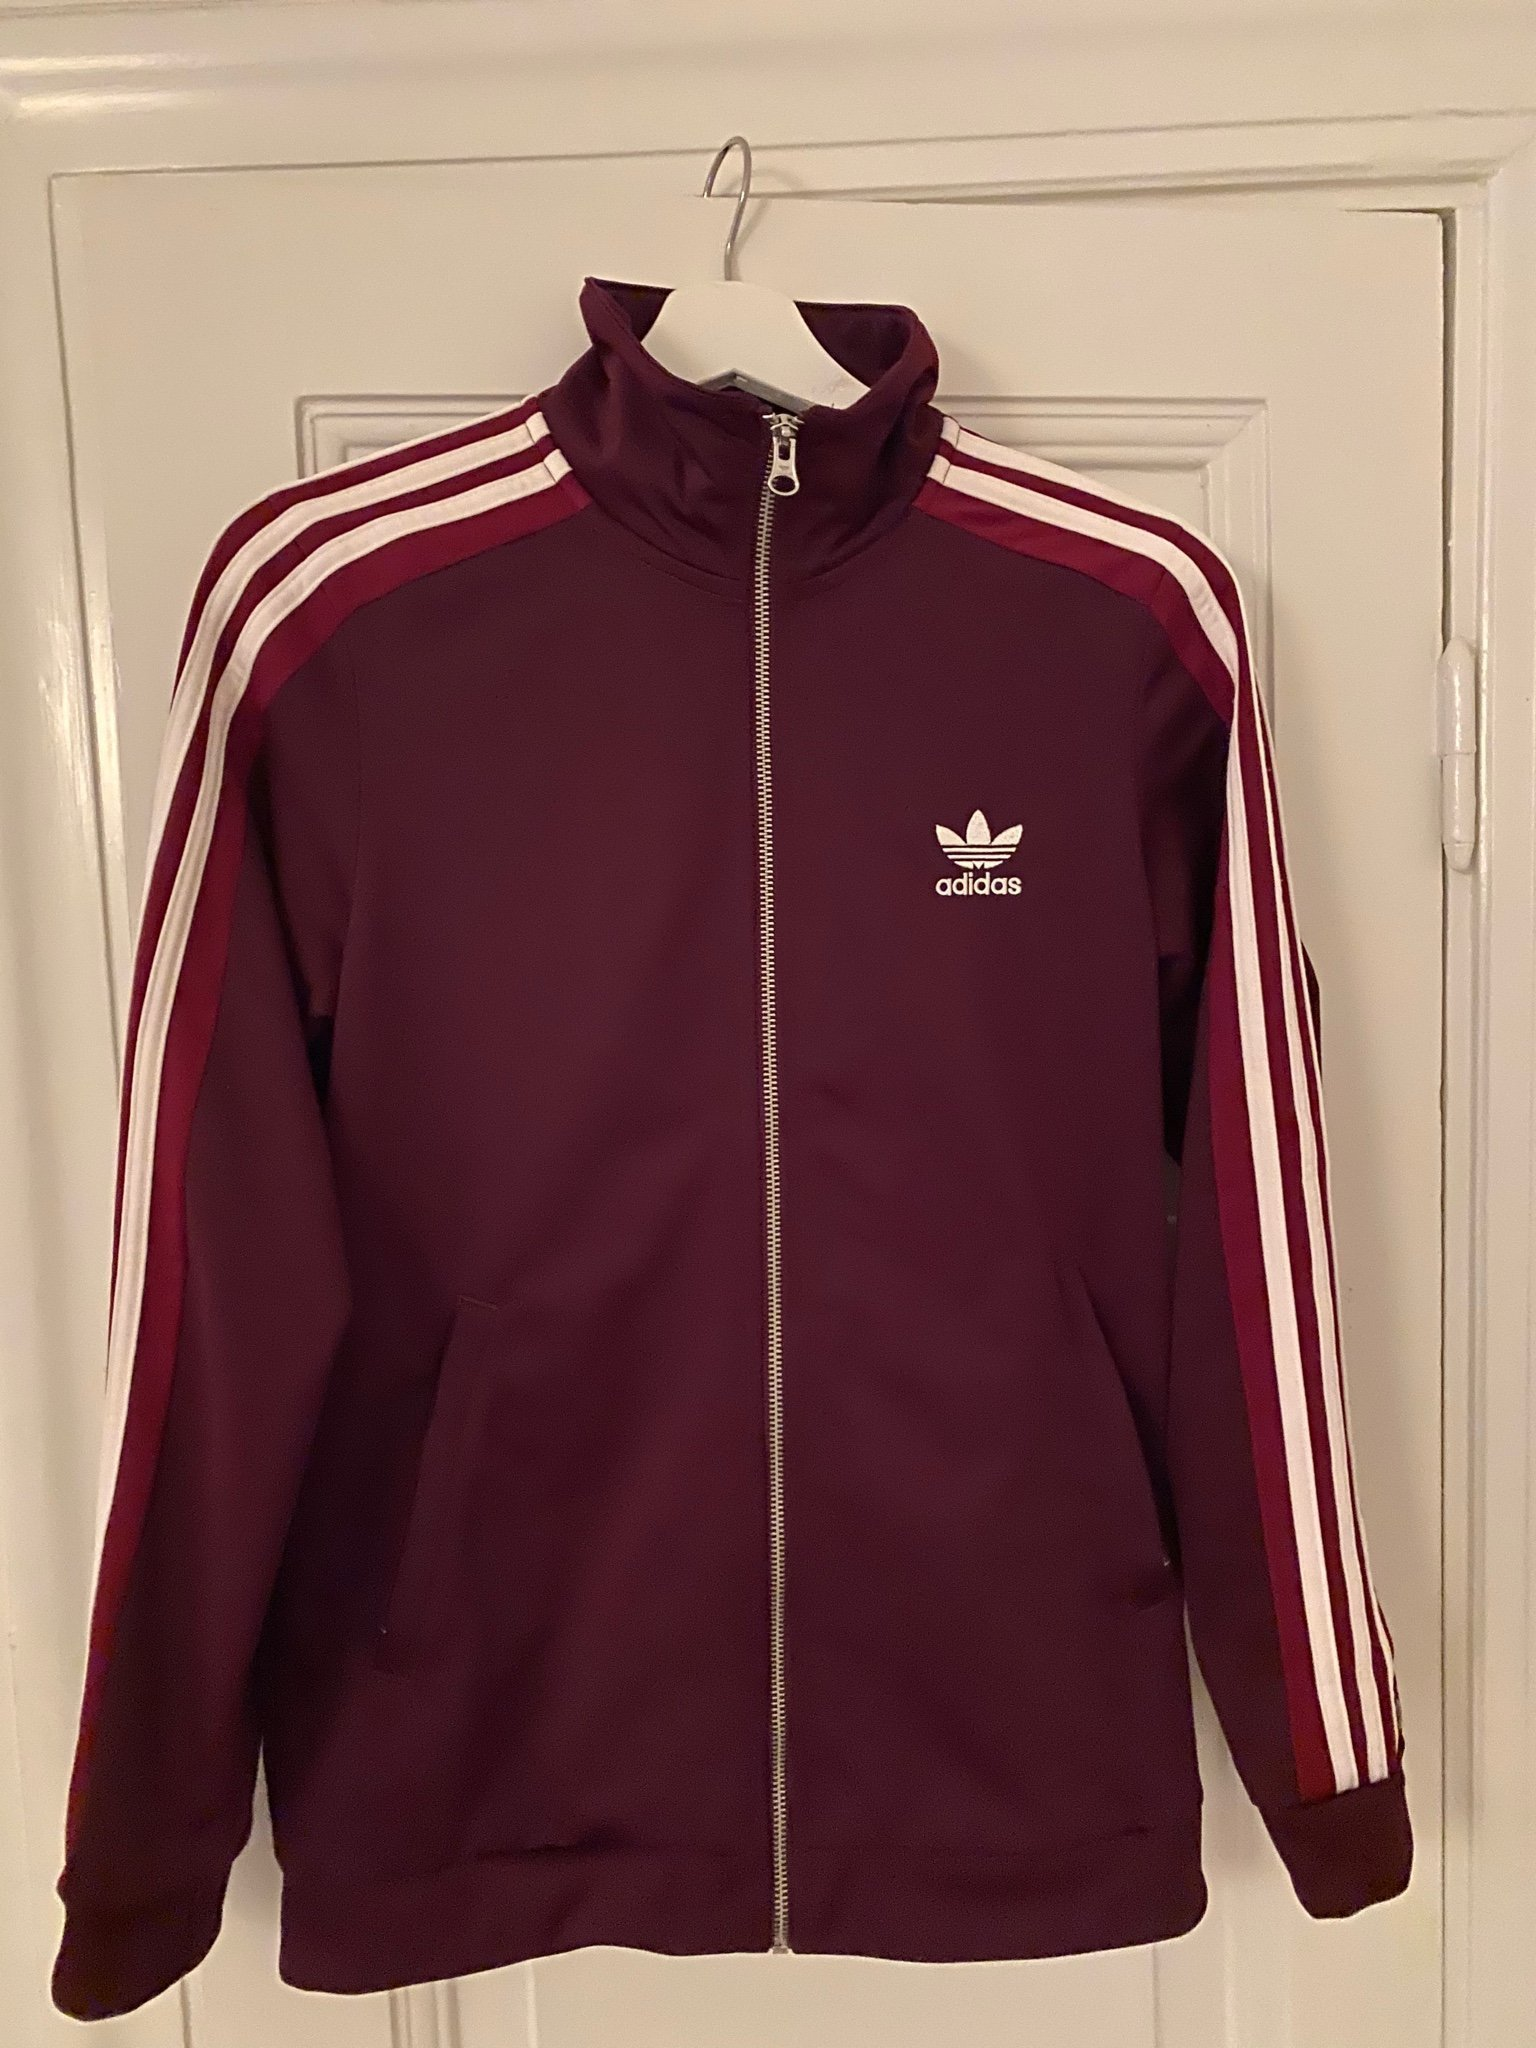 Adidas track jacka dam strl 38 (414684257) ᐈ Köp på Tradera